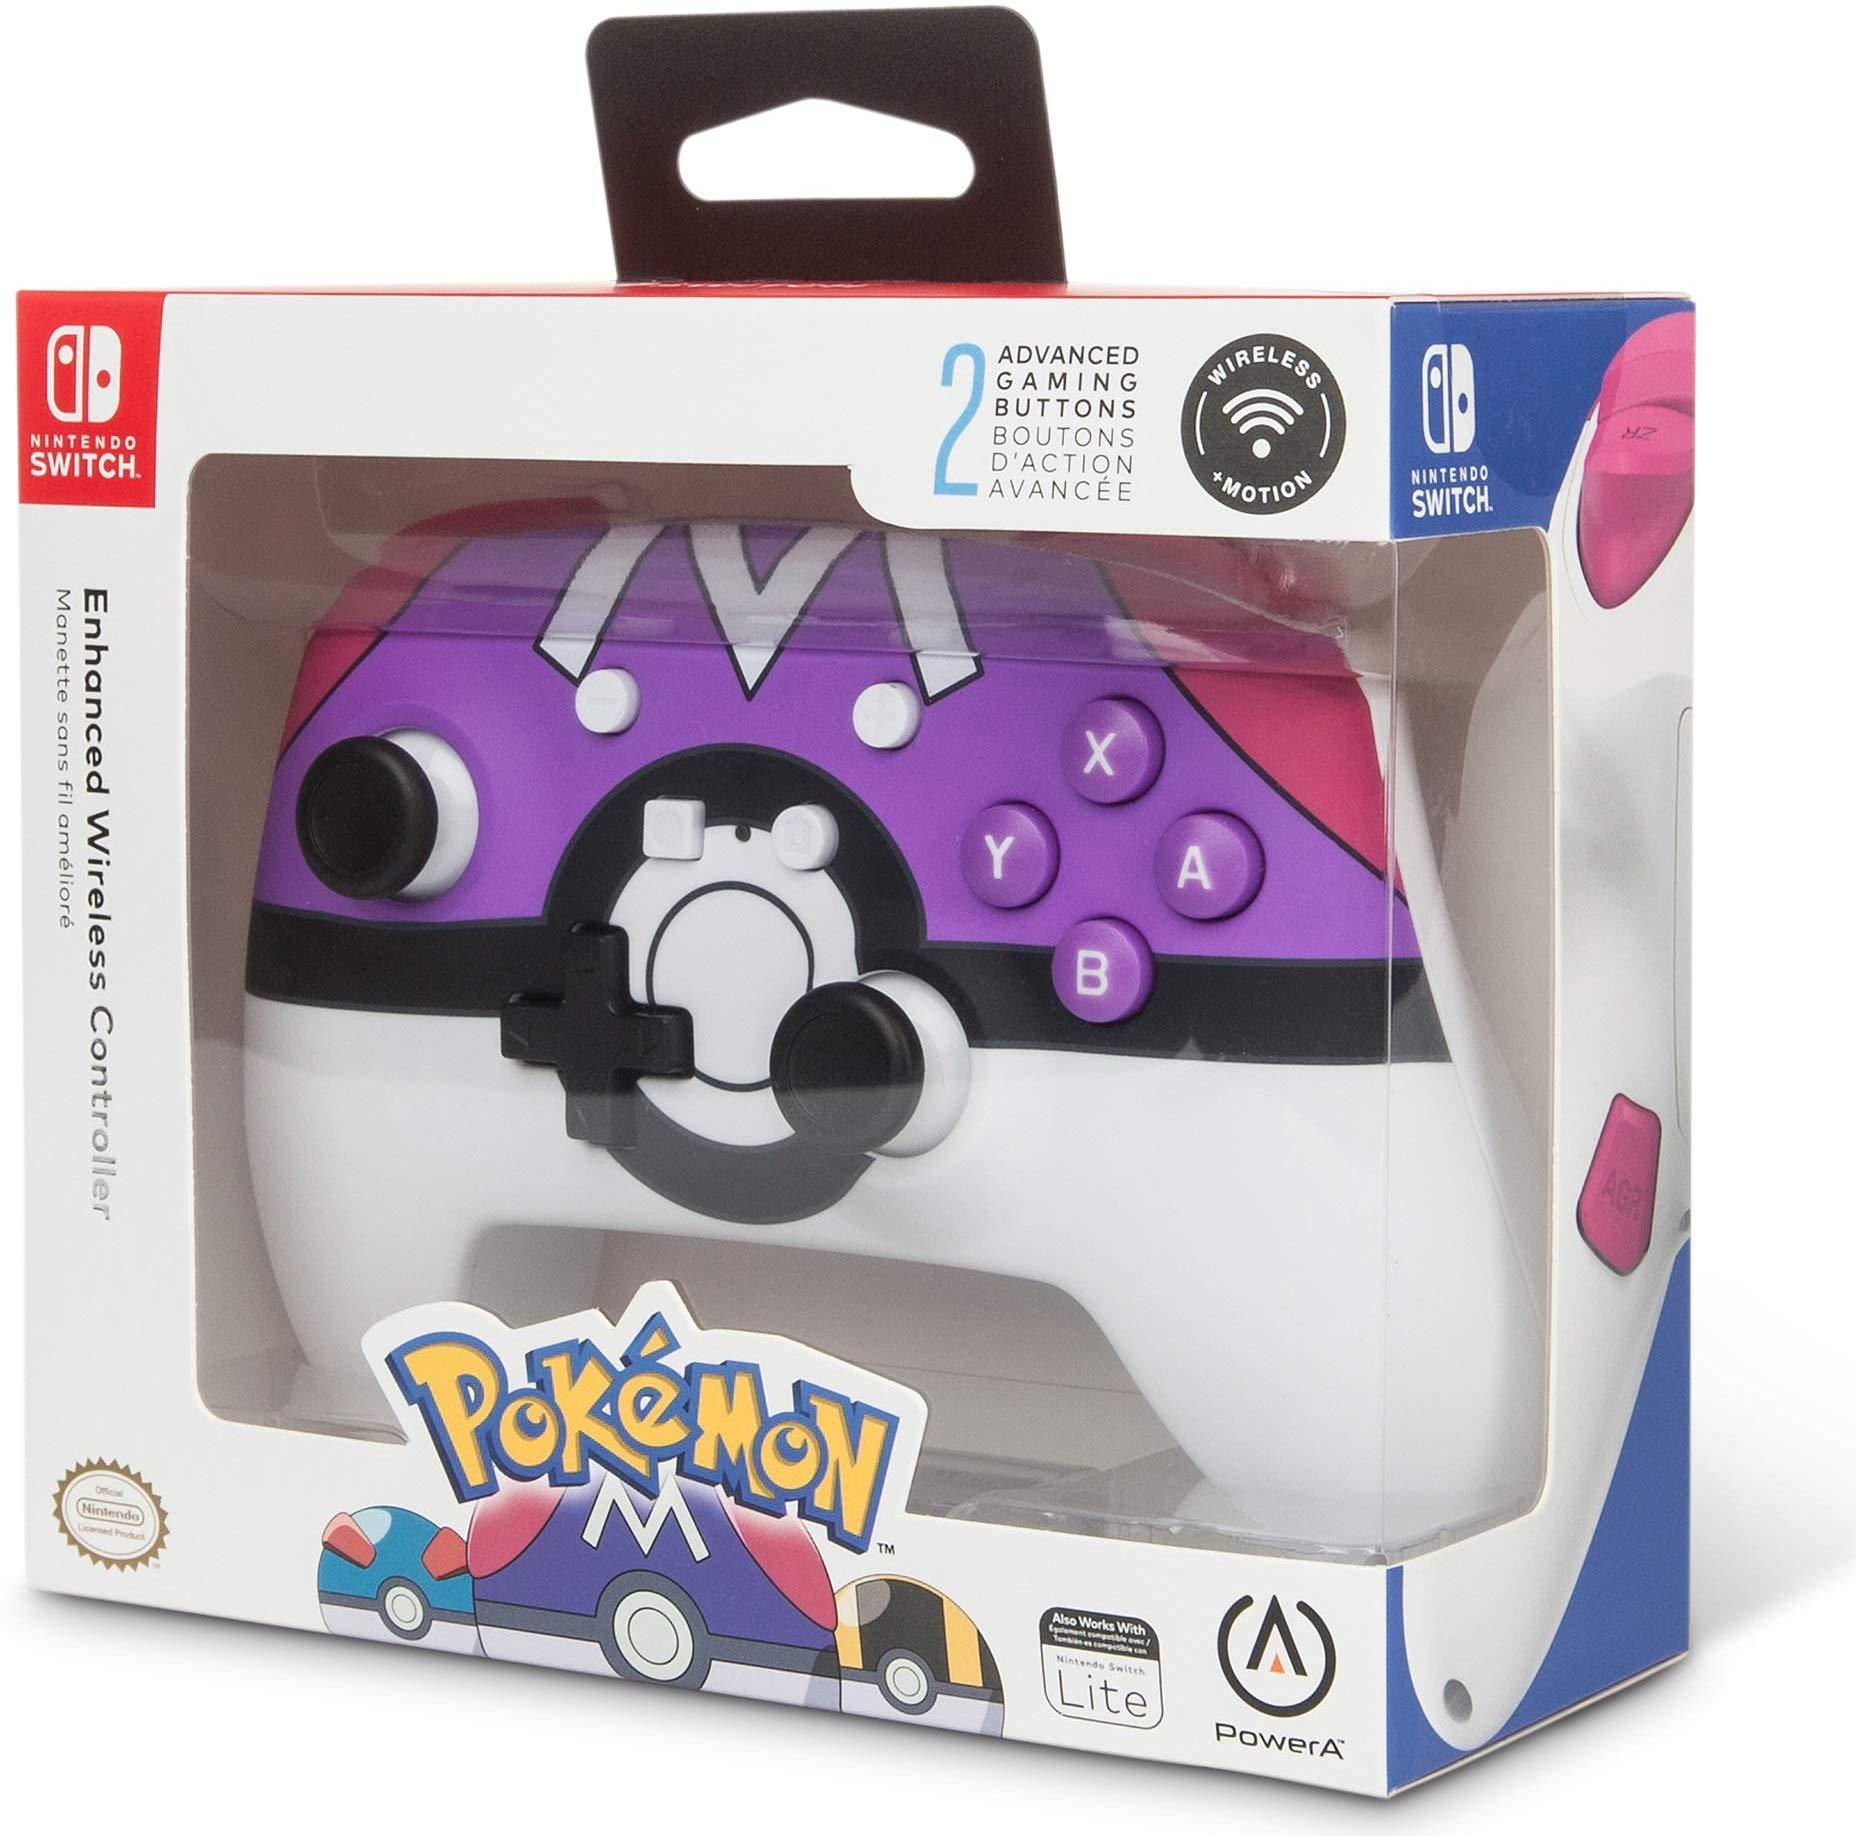 PowerAから『ポケモン』より「マスターボール」デザインの新しい『Nintendo Switch ワイヤレスコントローラー』が海外向けとして発売決定!